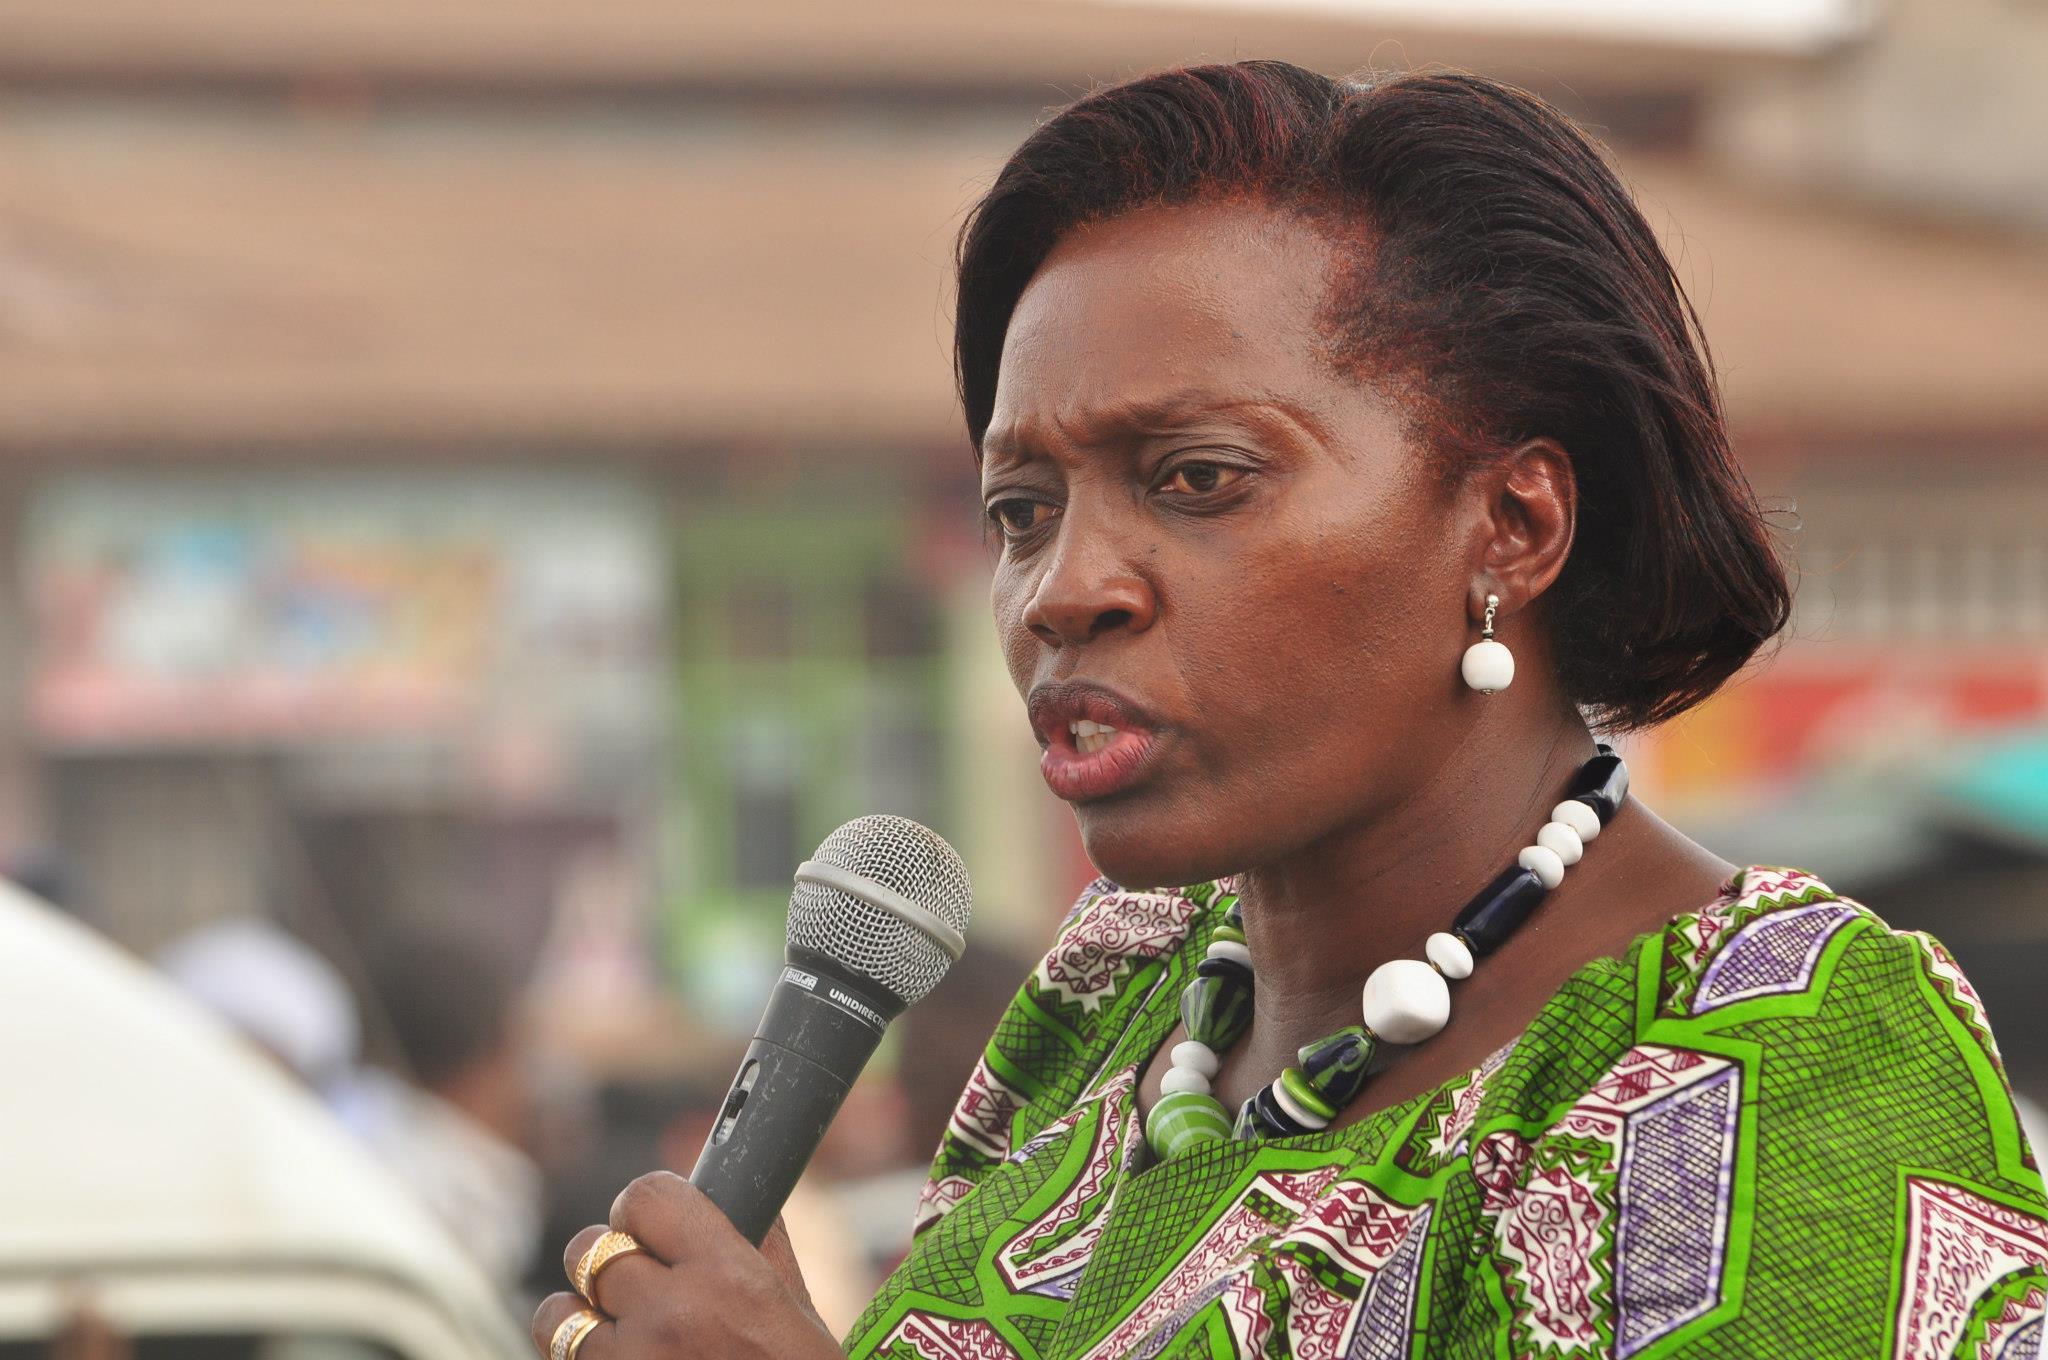 Martha Karua Takes A political Break To Unwind And Reflect